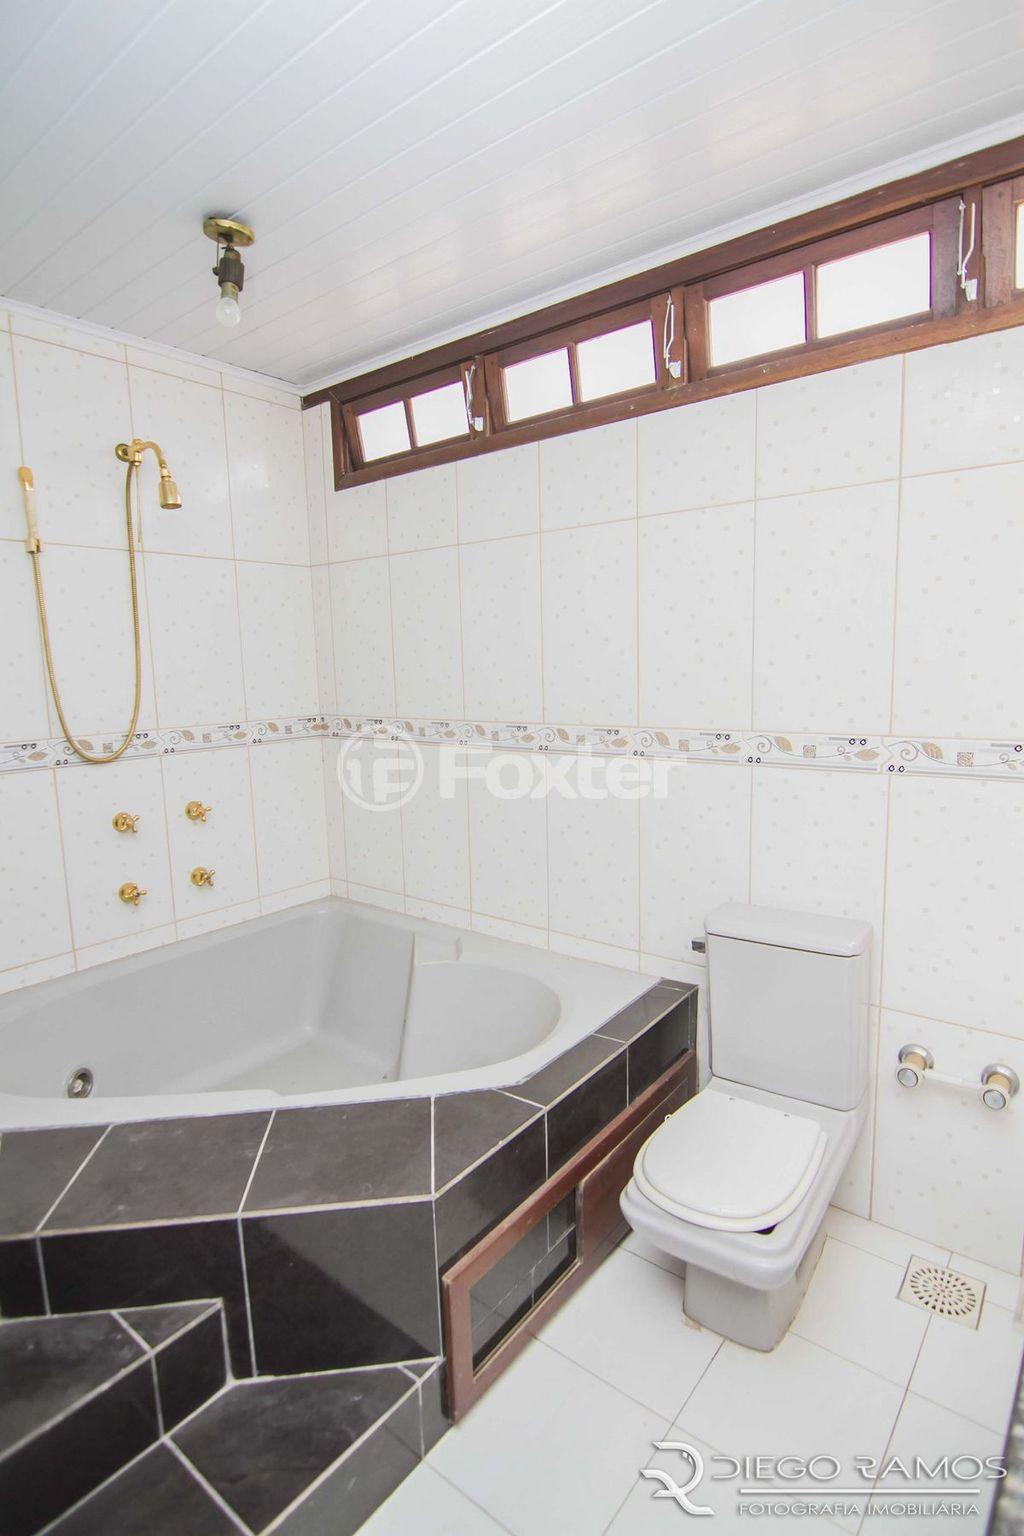 Foxter Imobiliária - Casa 4 Dorm, Santana (8521) - Foto 25